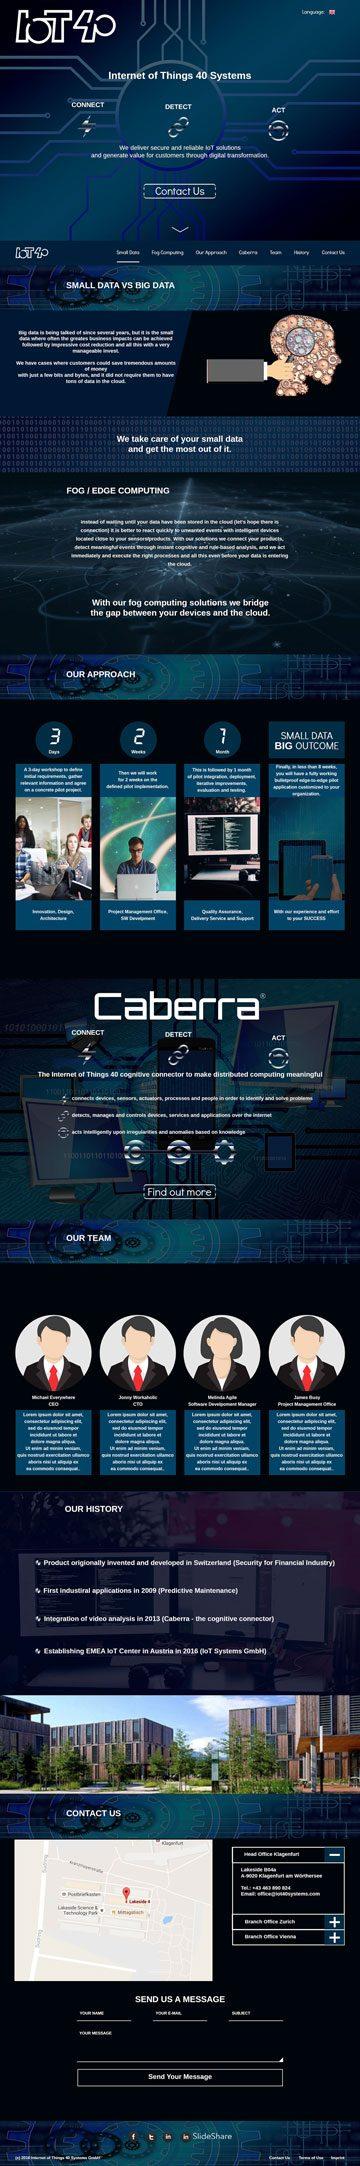 Internet-stvari-IOT spletna stran